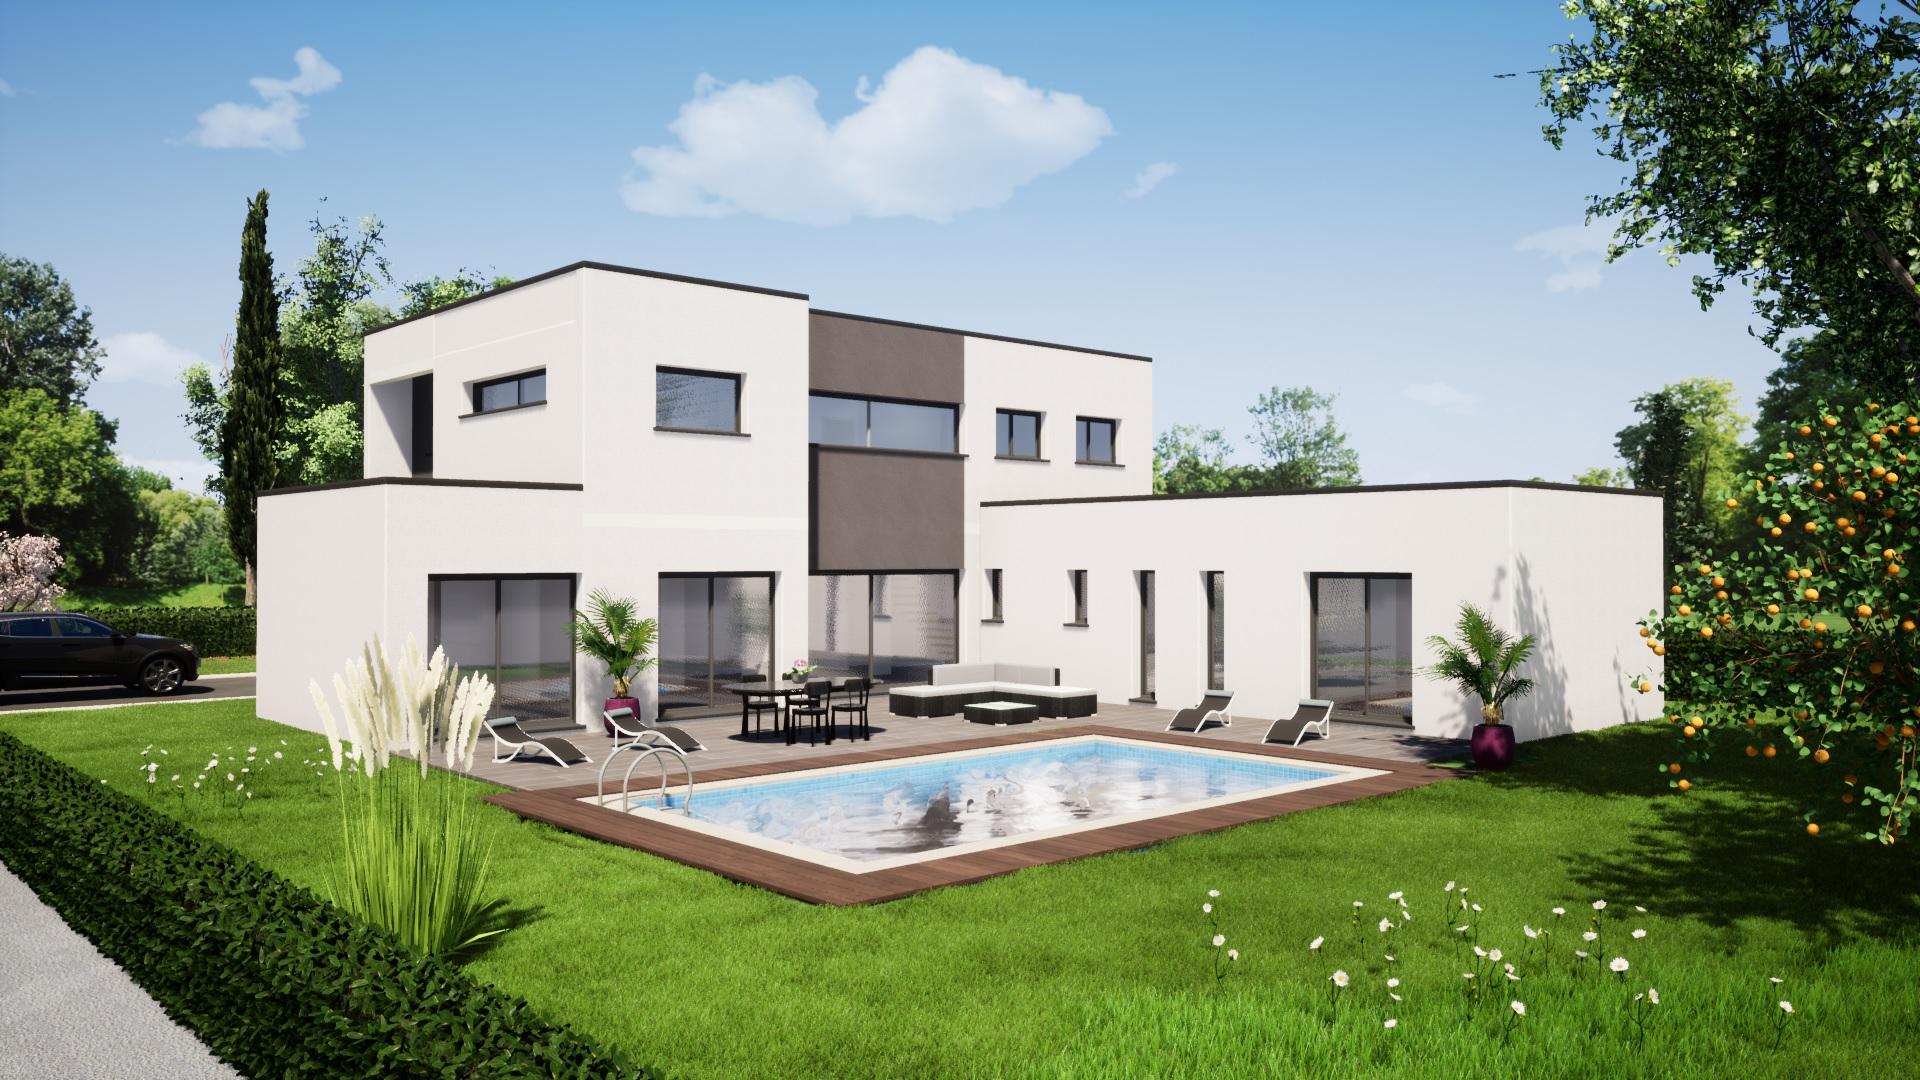 plan maison maison moderne 4 chambres maisons lg le mans maisons lg en sarthe constructeur de maison individuelle maison louplande arrière